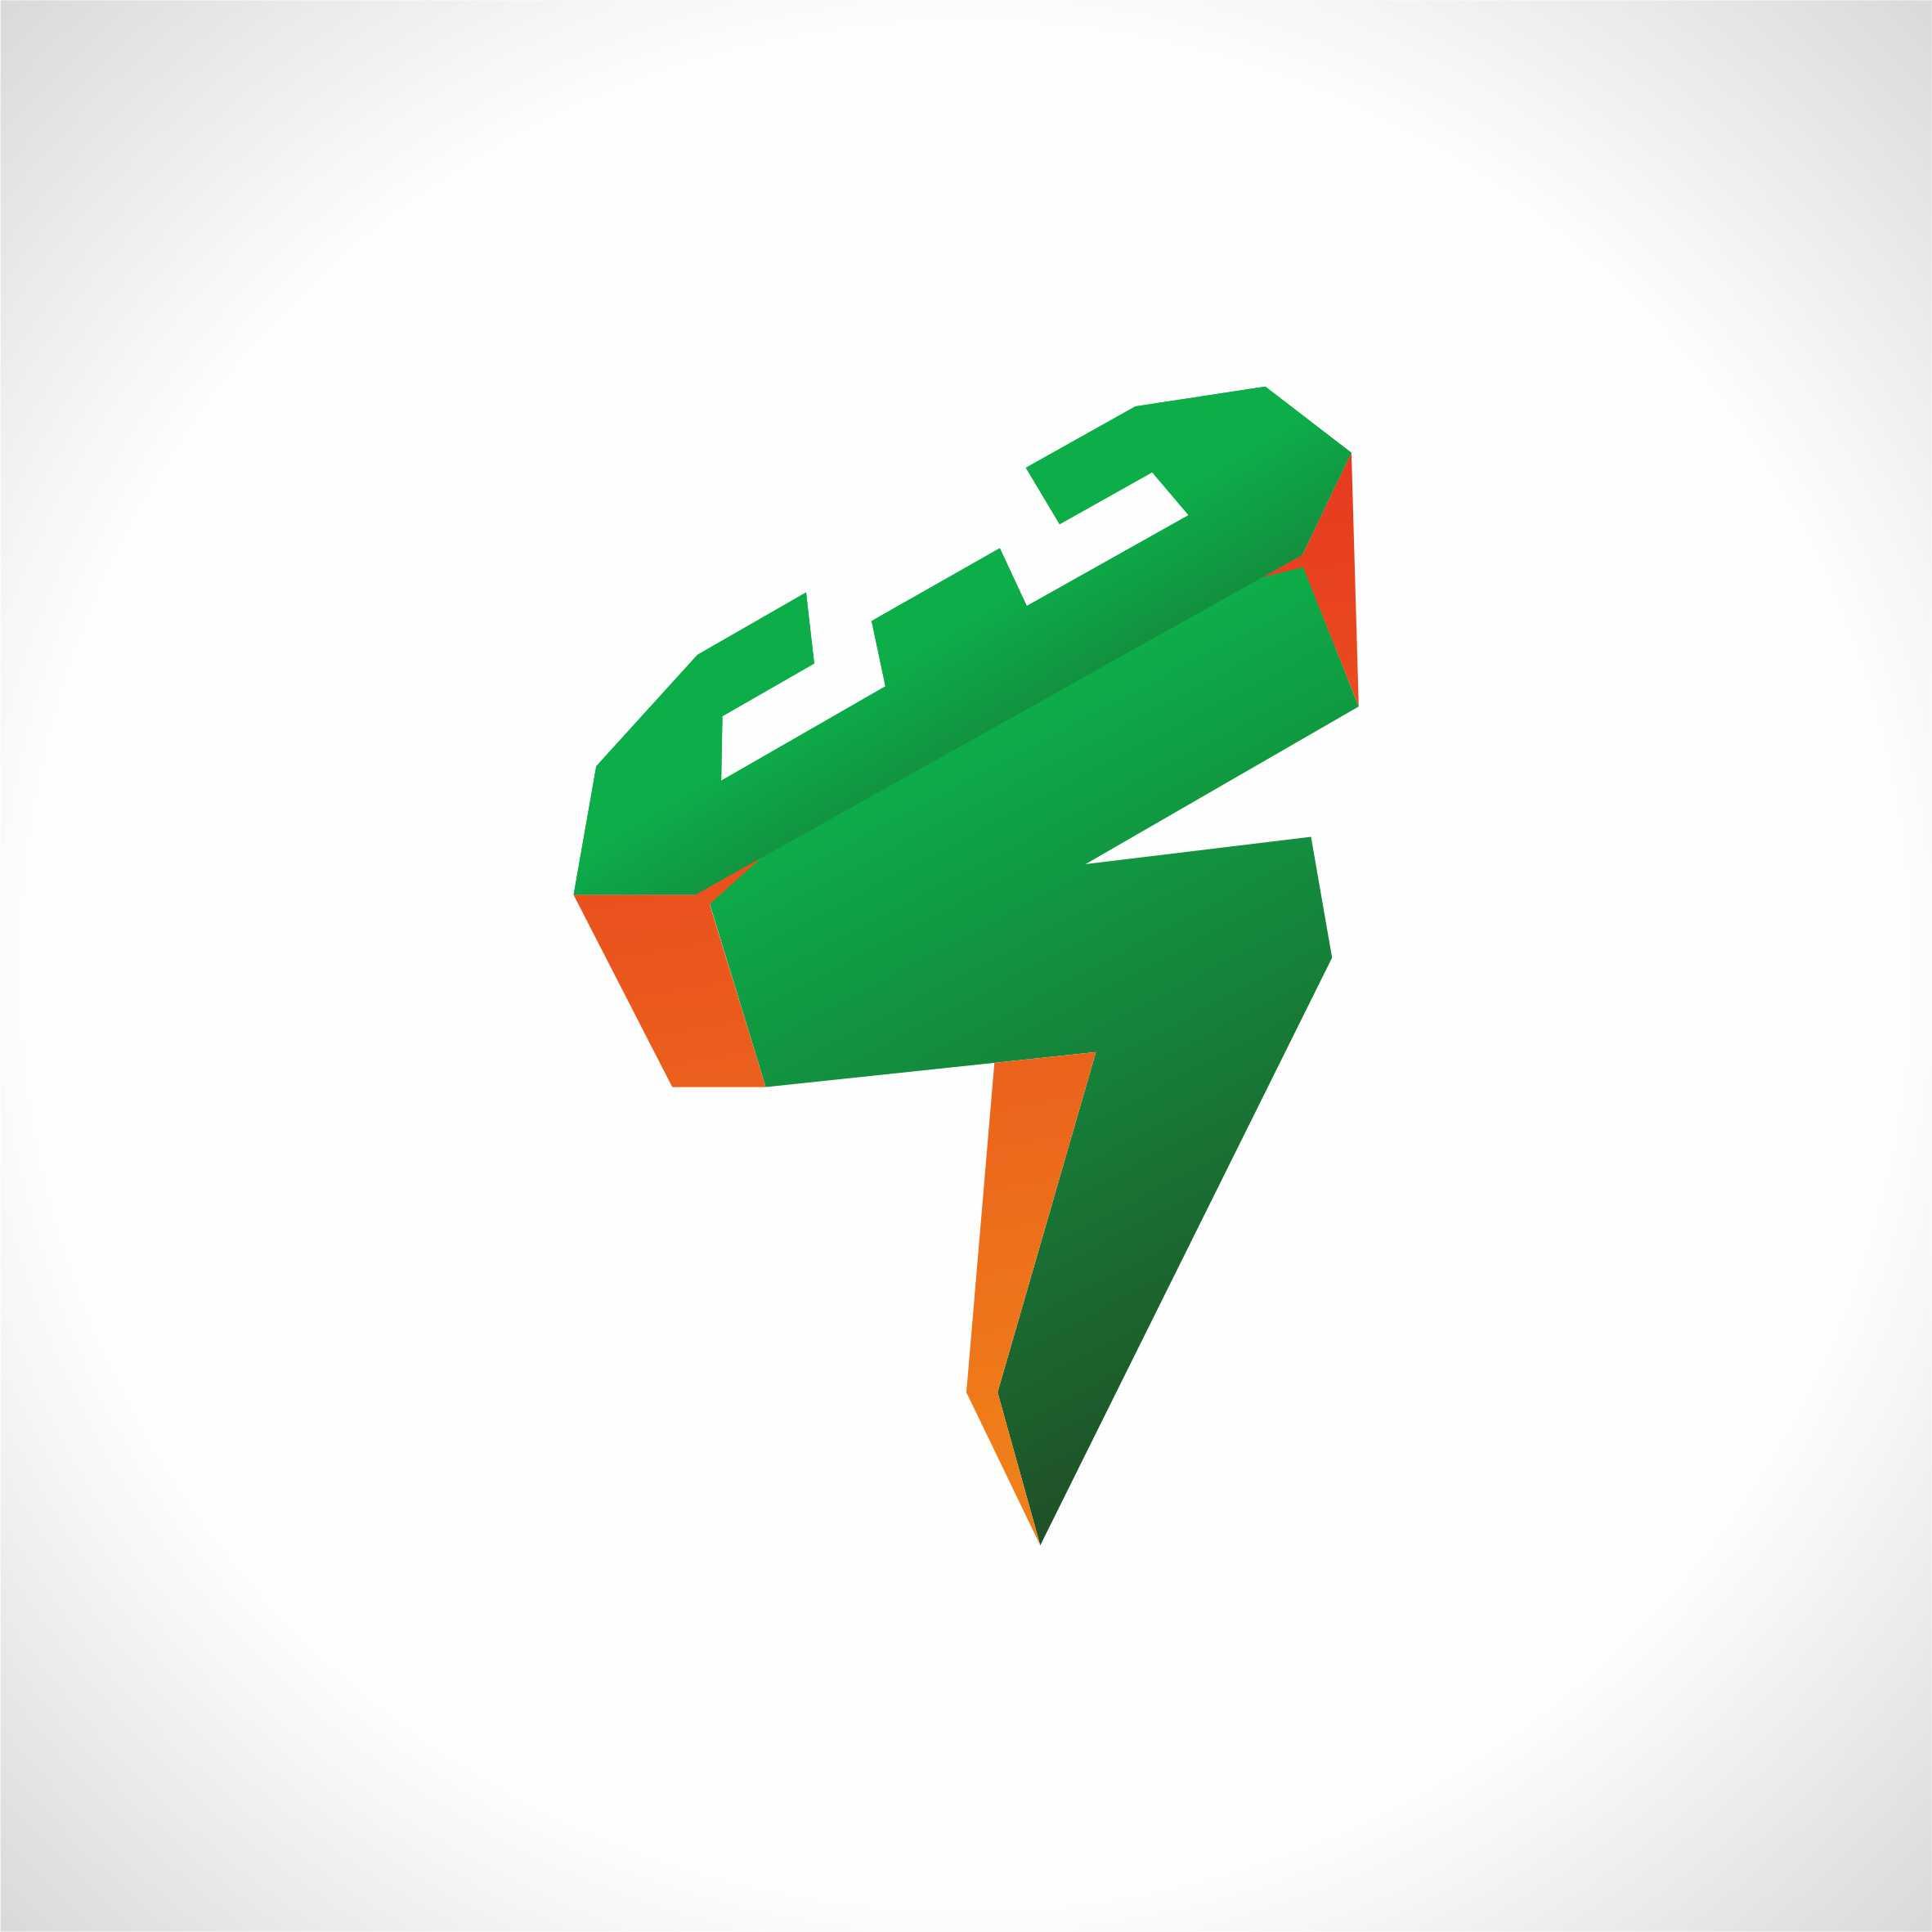 Логотип для инженерной компании фото f_85251c91f22a5a0f.jpg